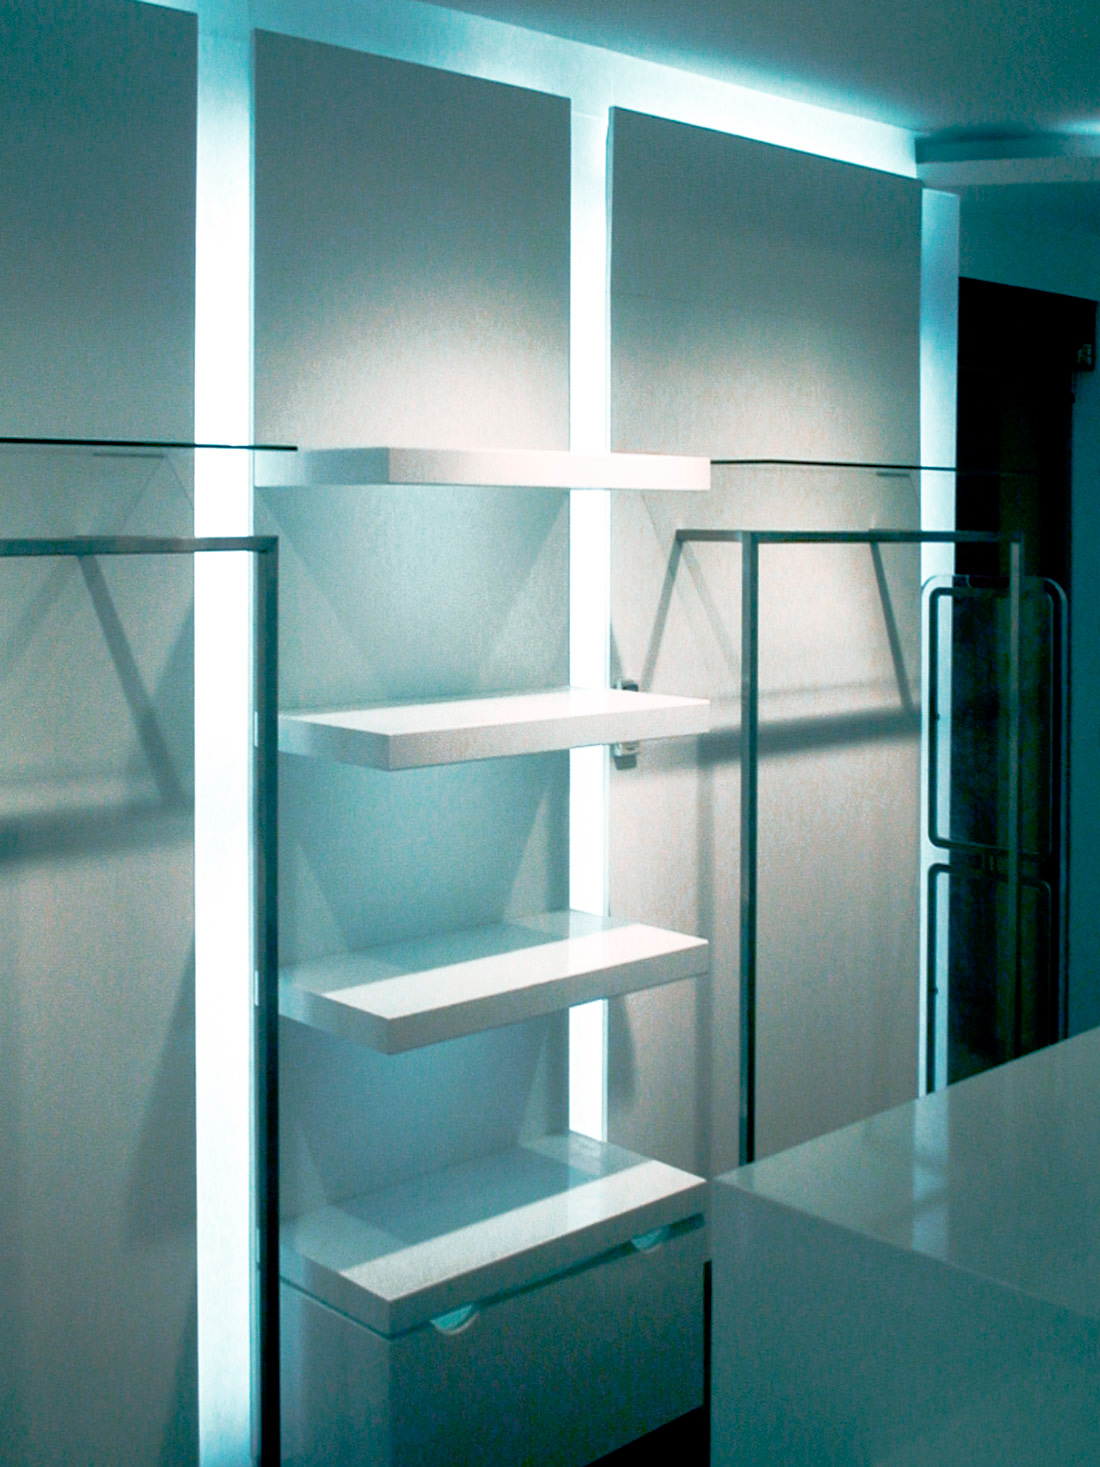 Referenz Ladenbau Escada Österreich Regal-Beleuchtung